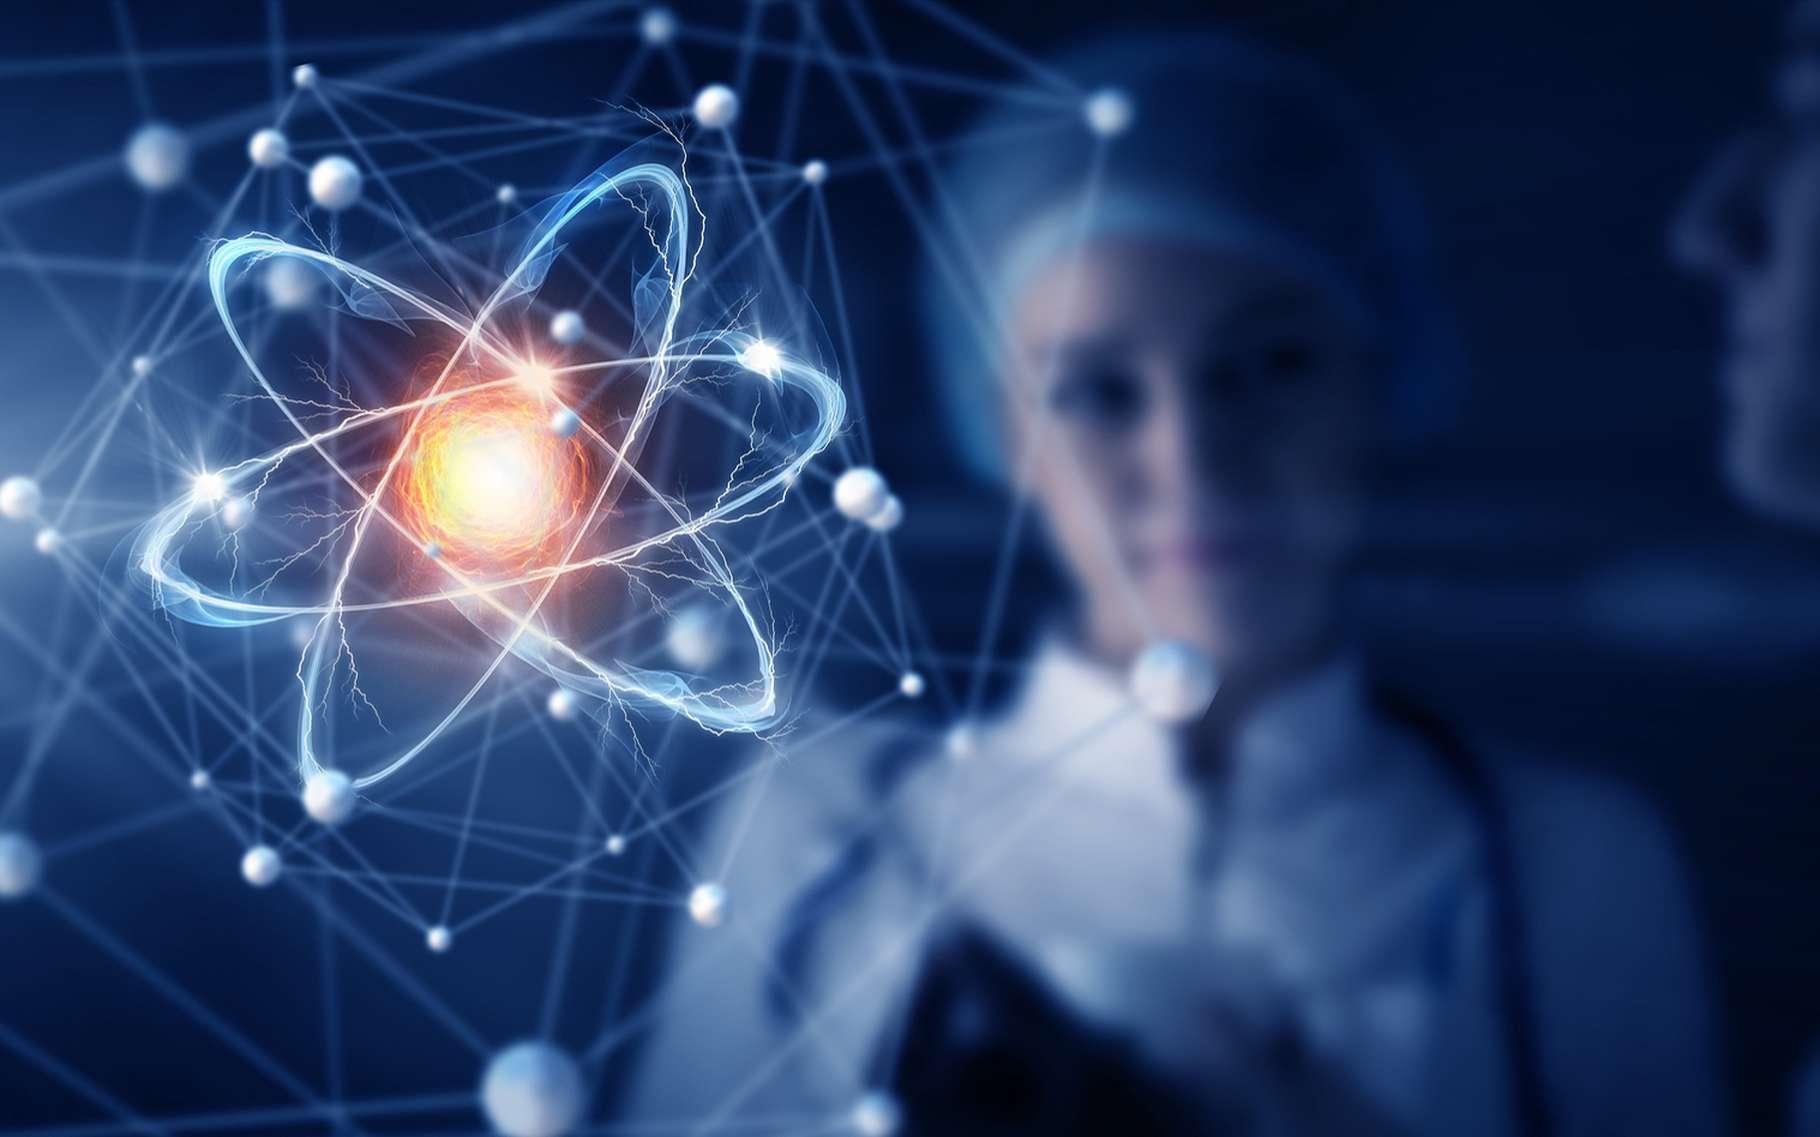 Jim LeBeau, un nom prédestiné pour un physicien qui souhaite montrer au public la splendeur des atomes qui constituent le monde. © Sergey Nivens, Shutterstock